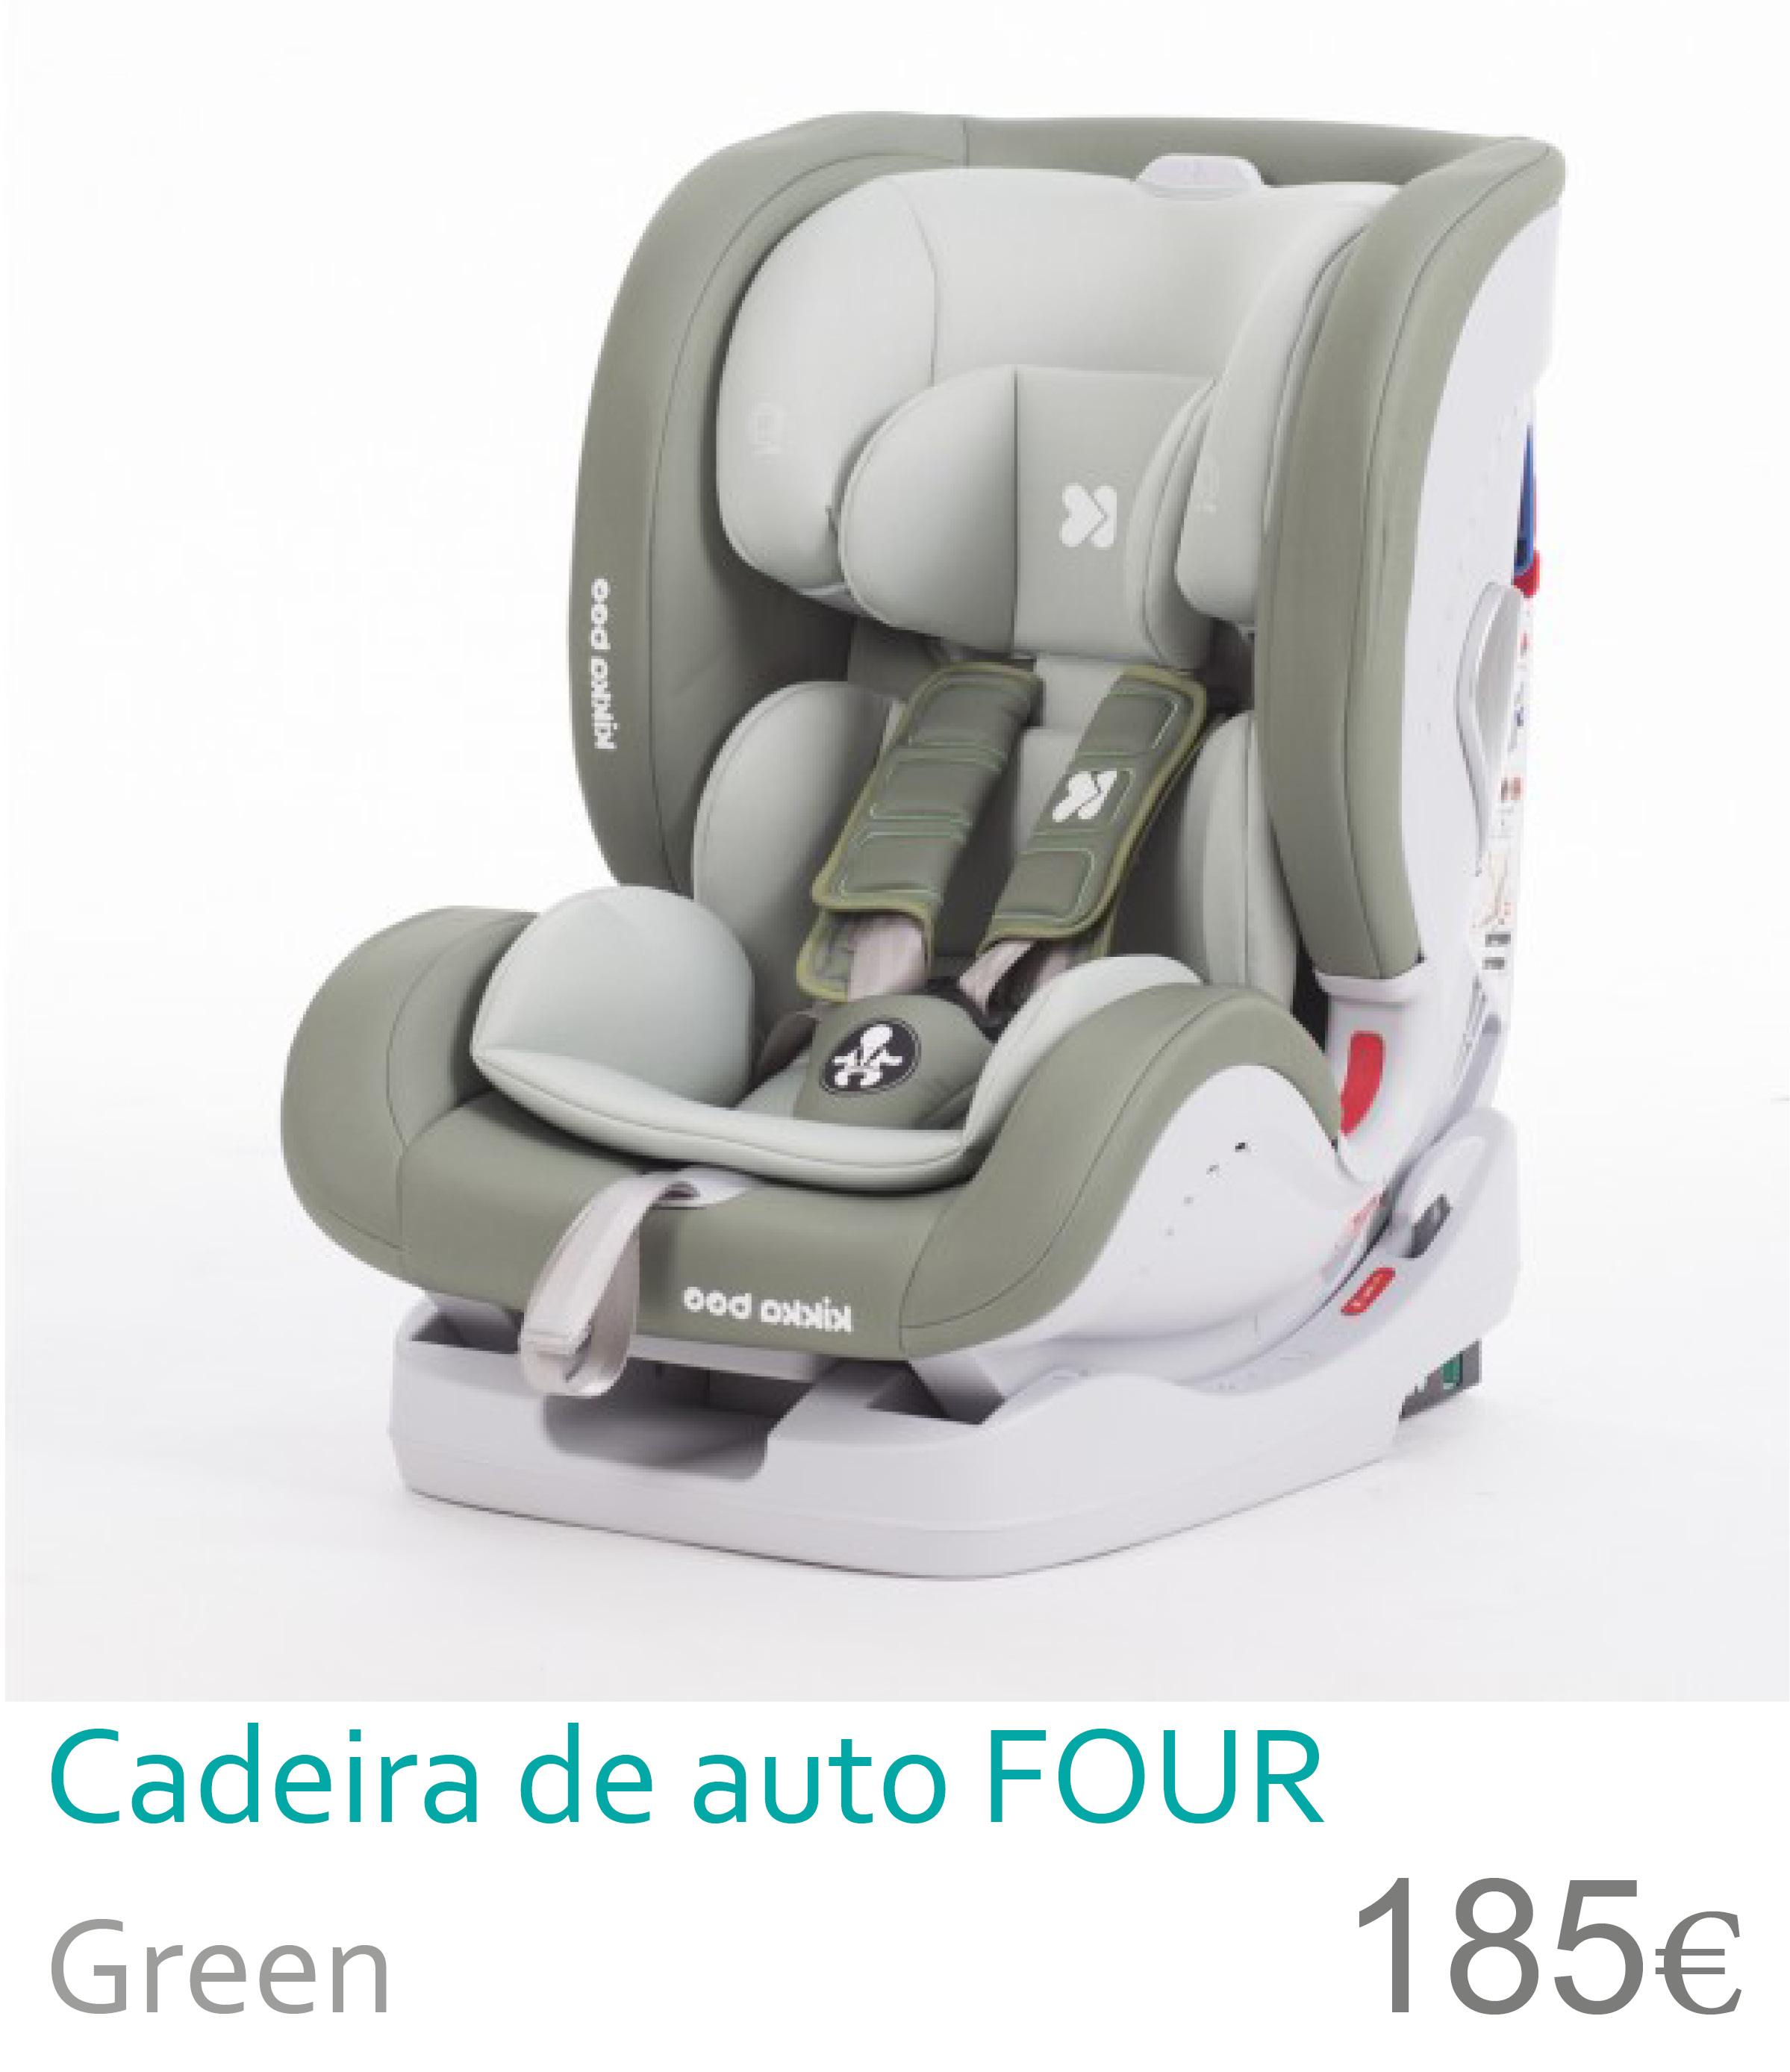 Cadeira de auto grupo 0+/1/2/3 FOUR Green